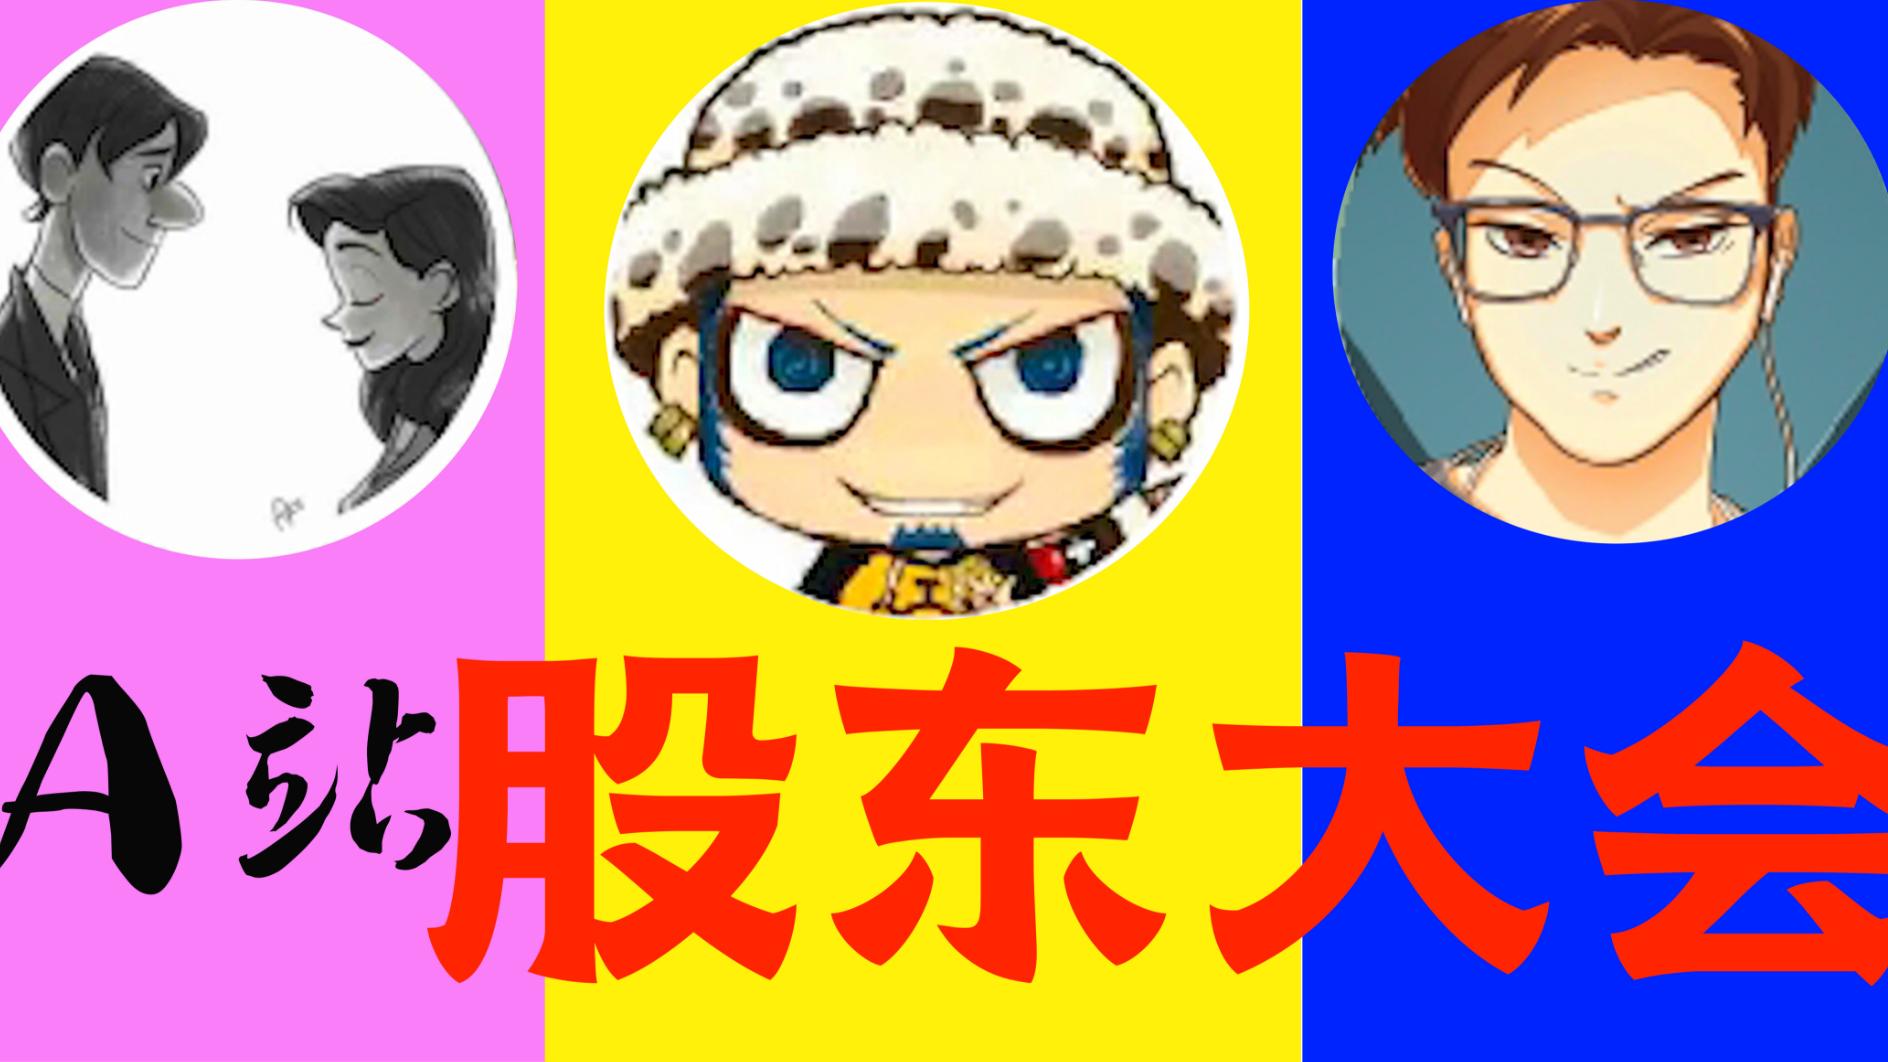 【独家】蓝冰的闲聊日记4#A站股东交流大会!——蒂德利特、方橙、绵月豐姬【夏日蕉易战】